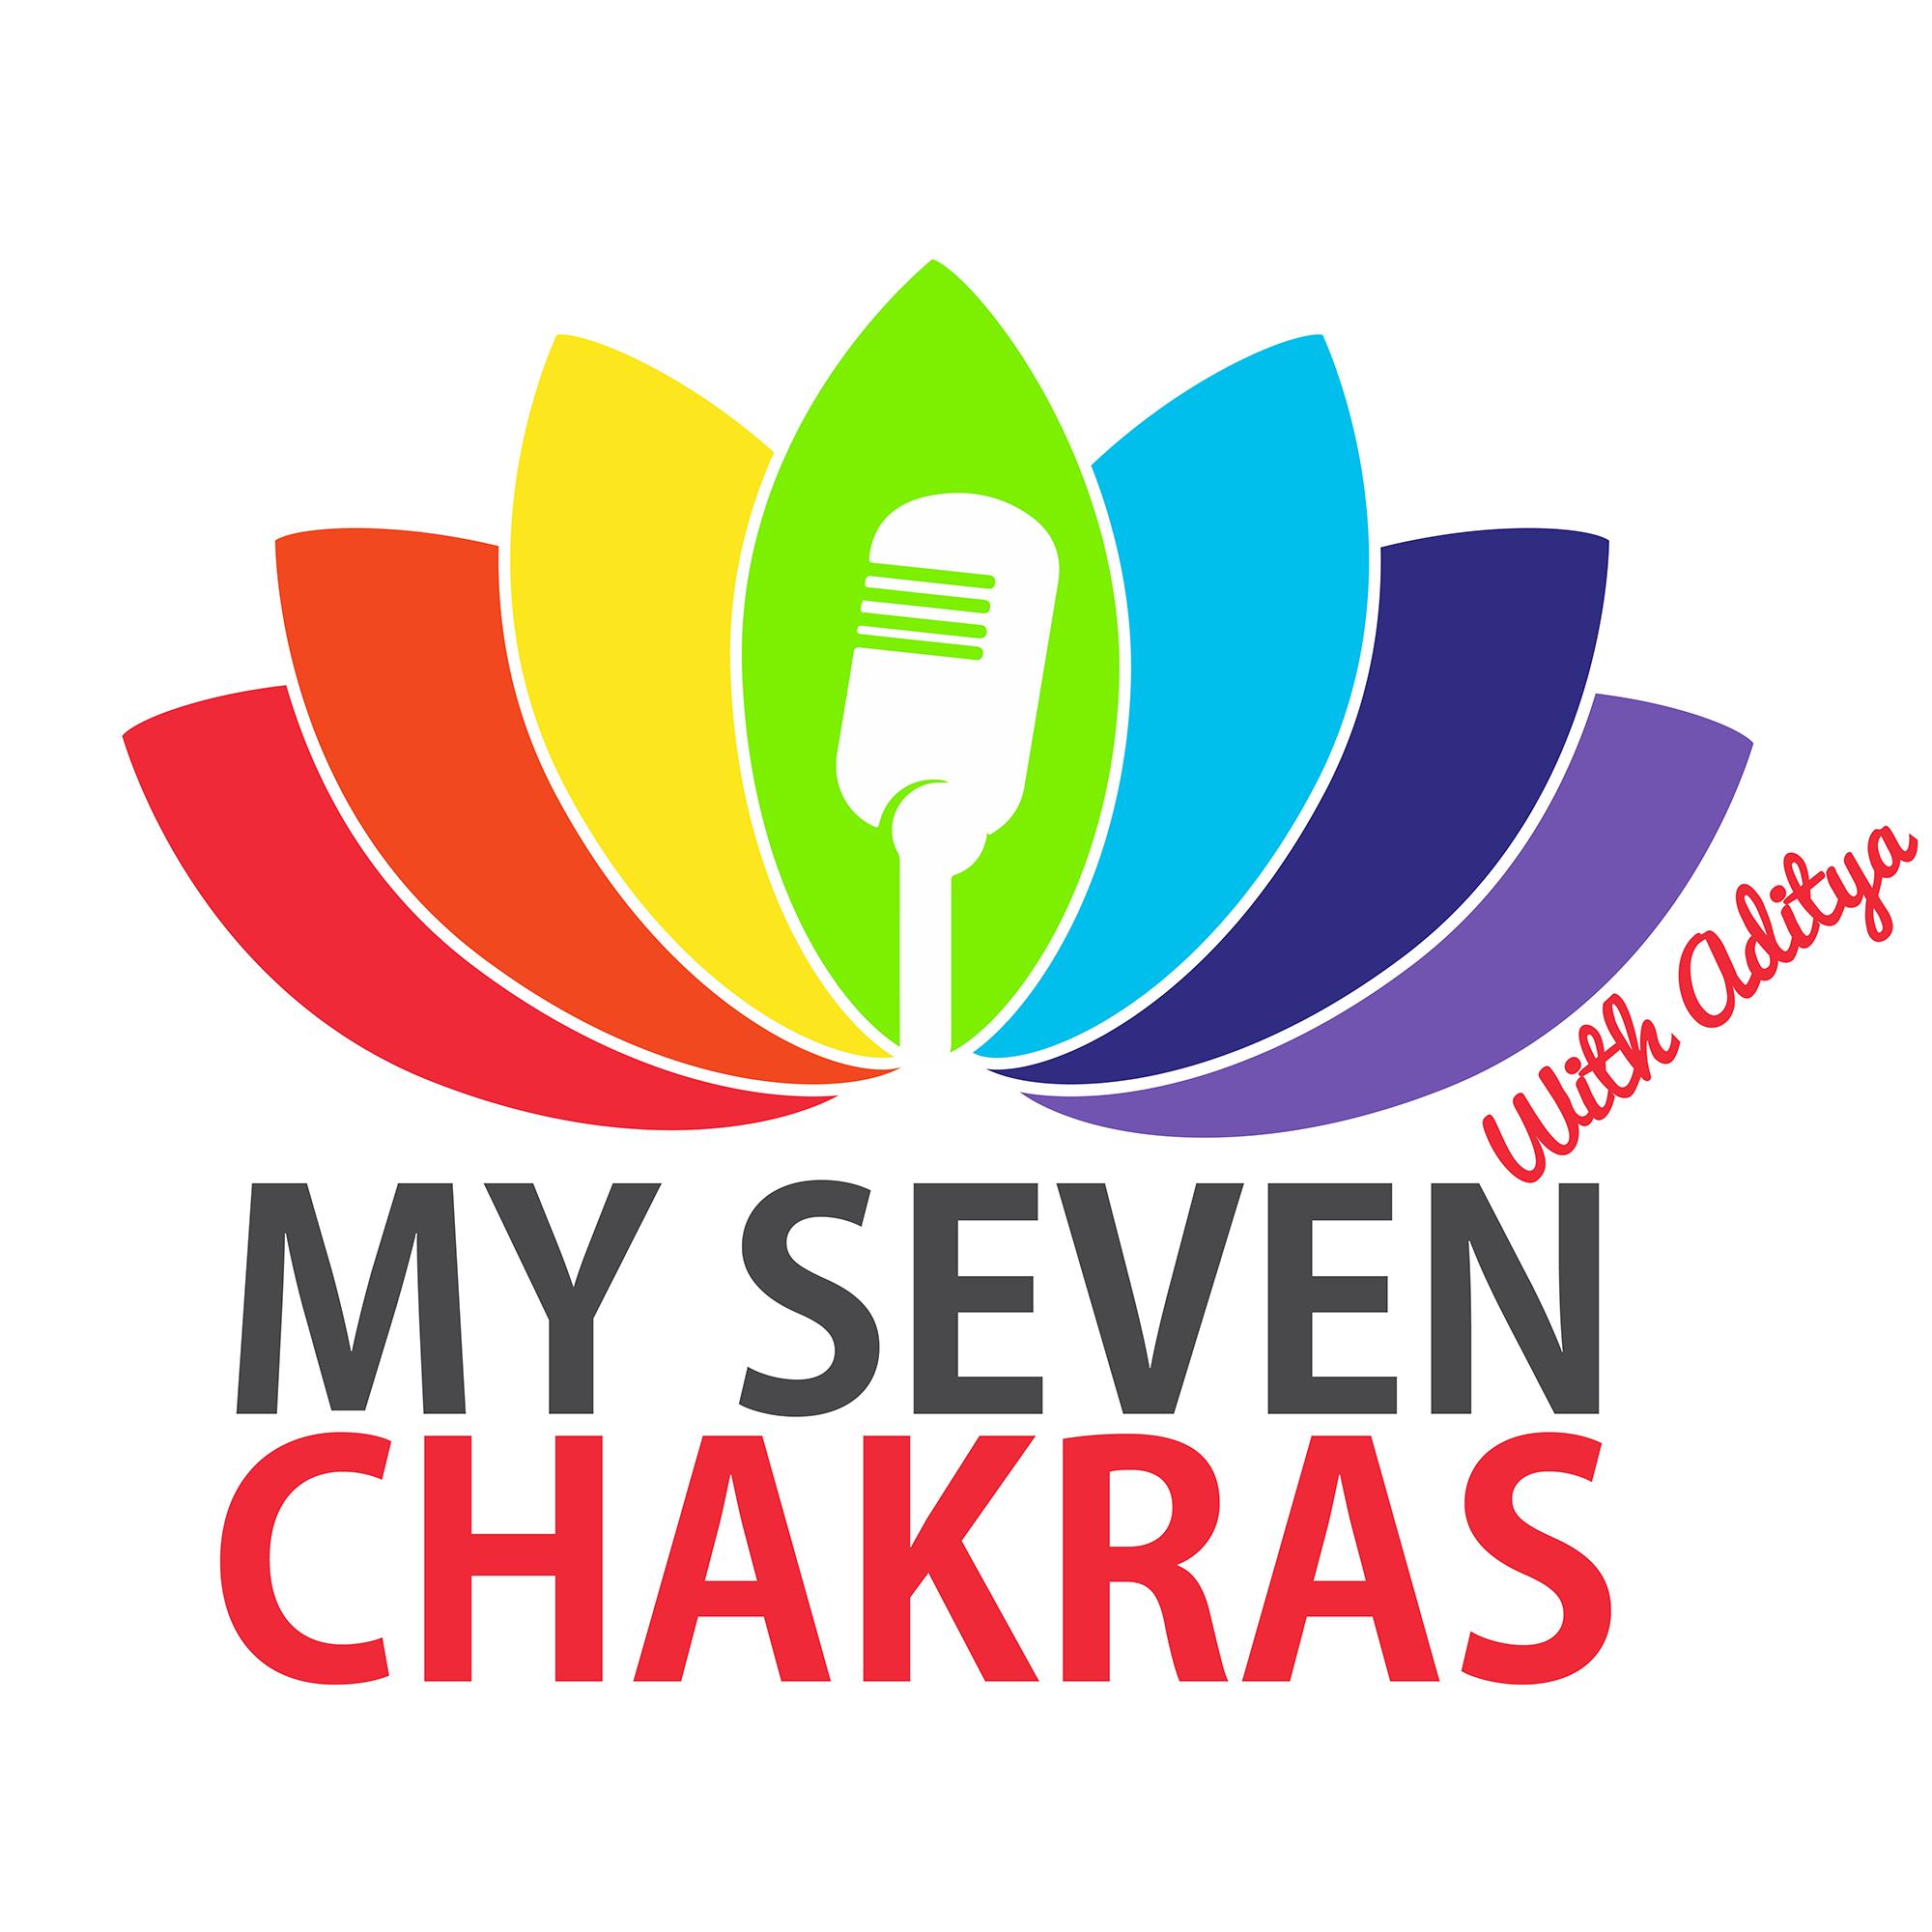 My Seven Chakras  logo